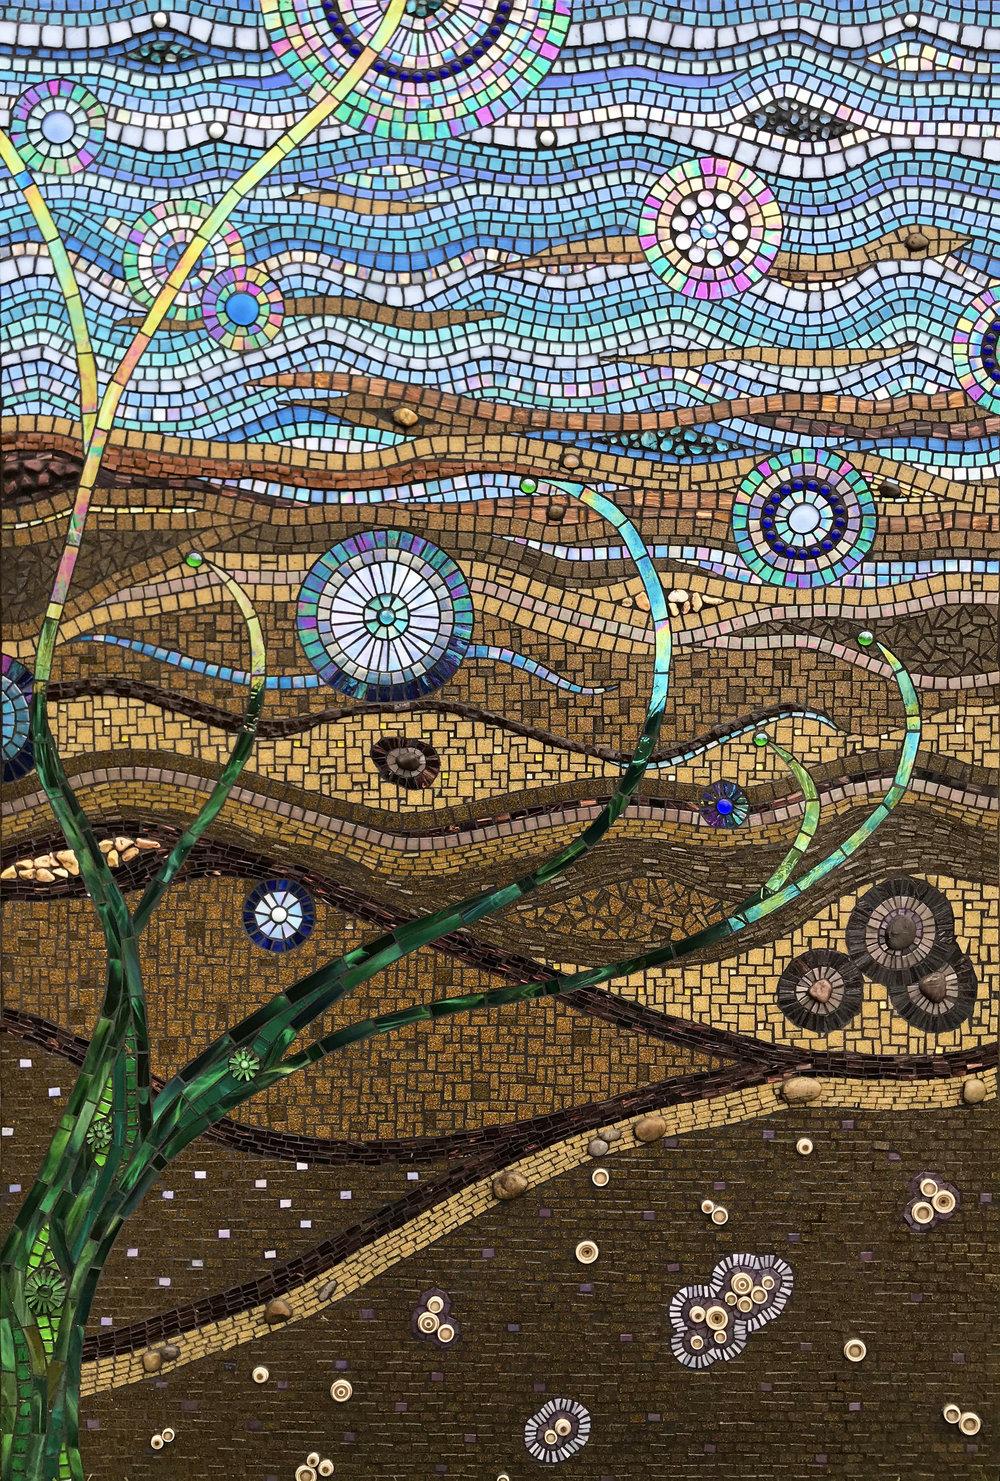 Underneath Mosaic